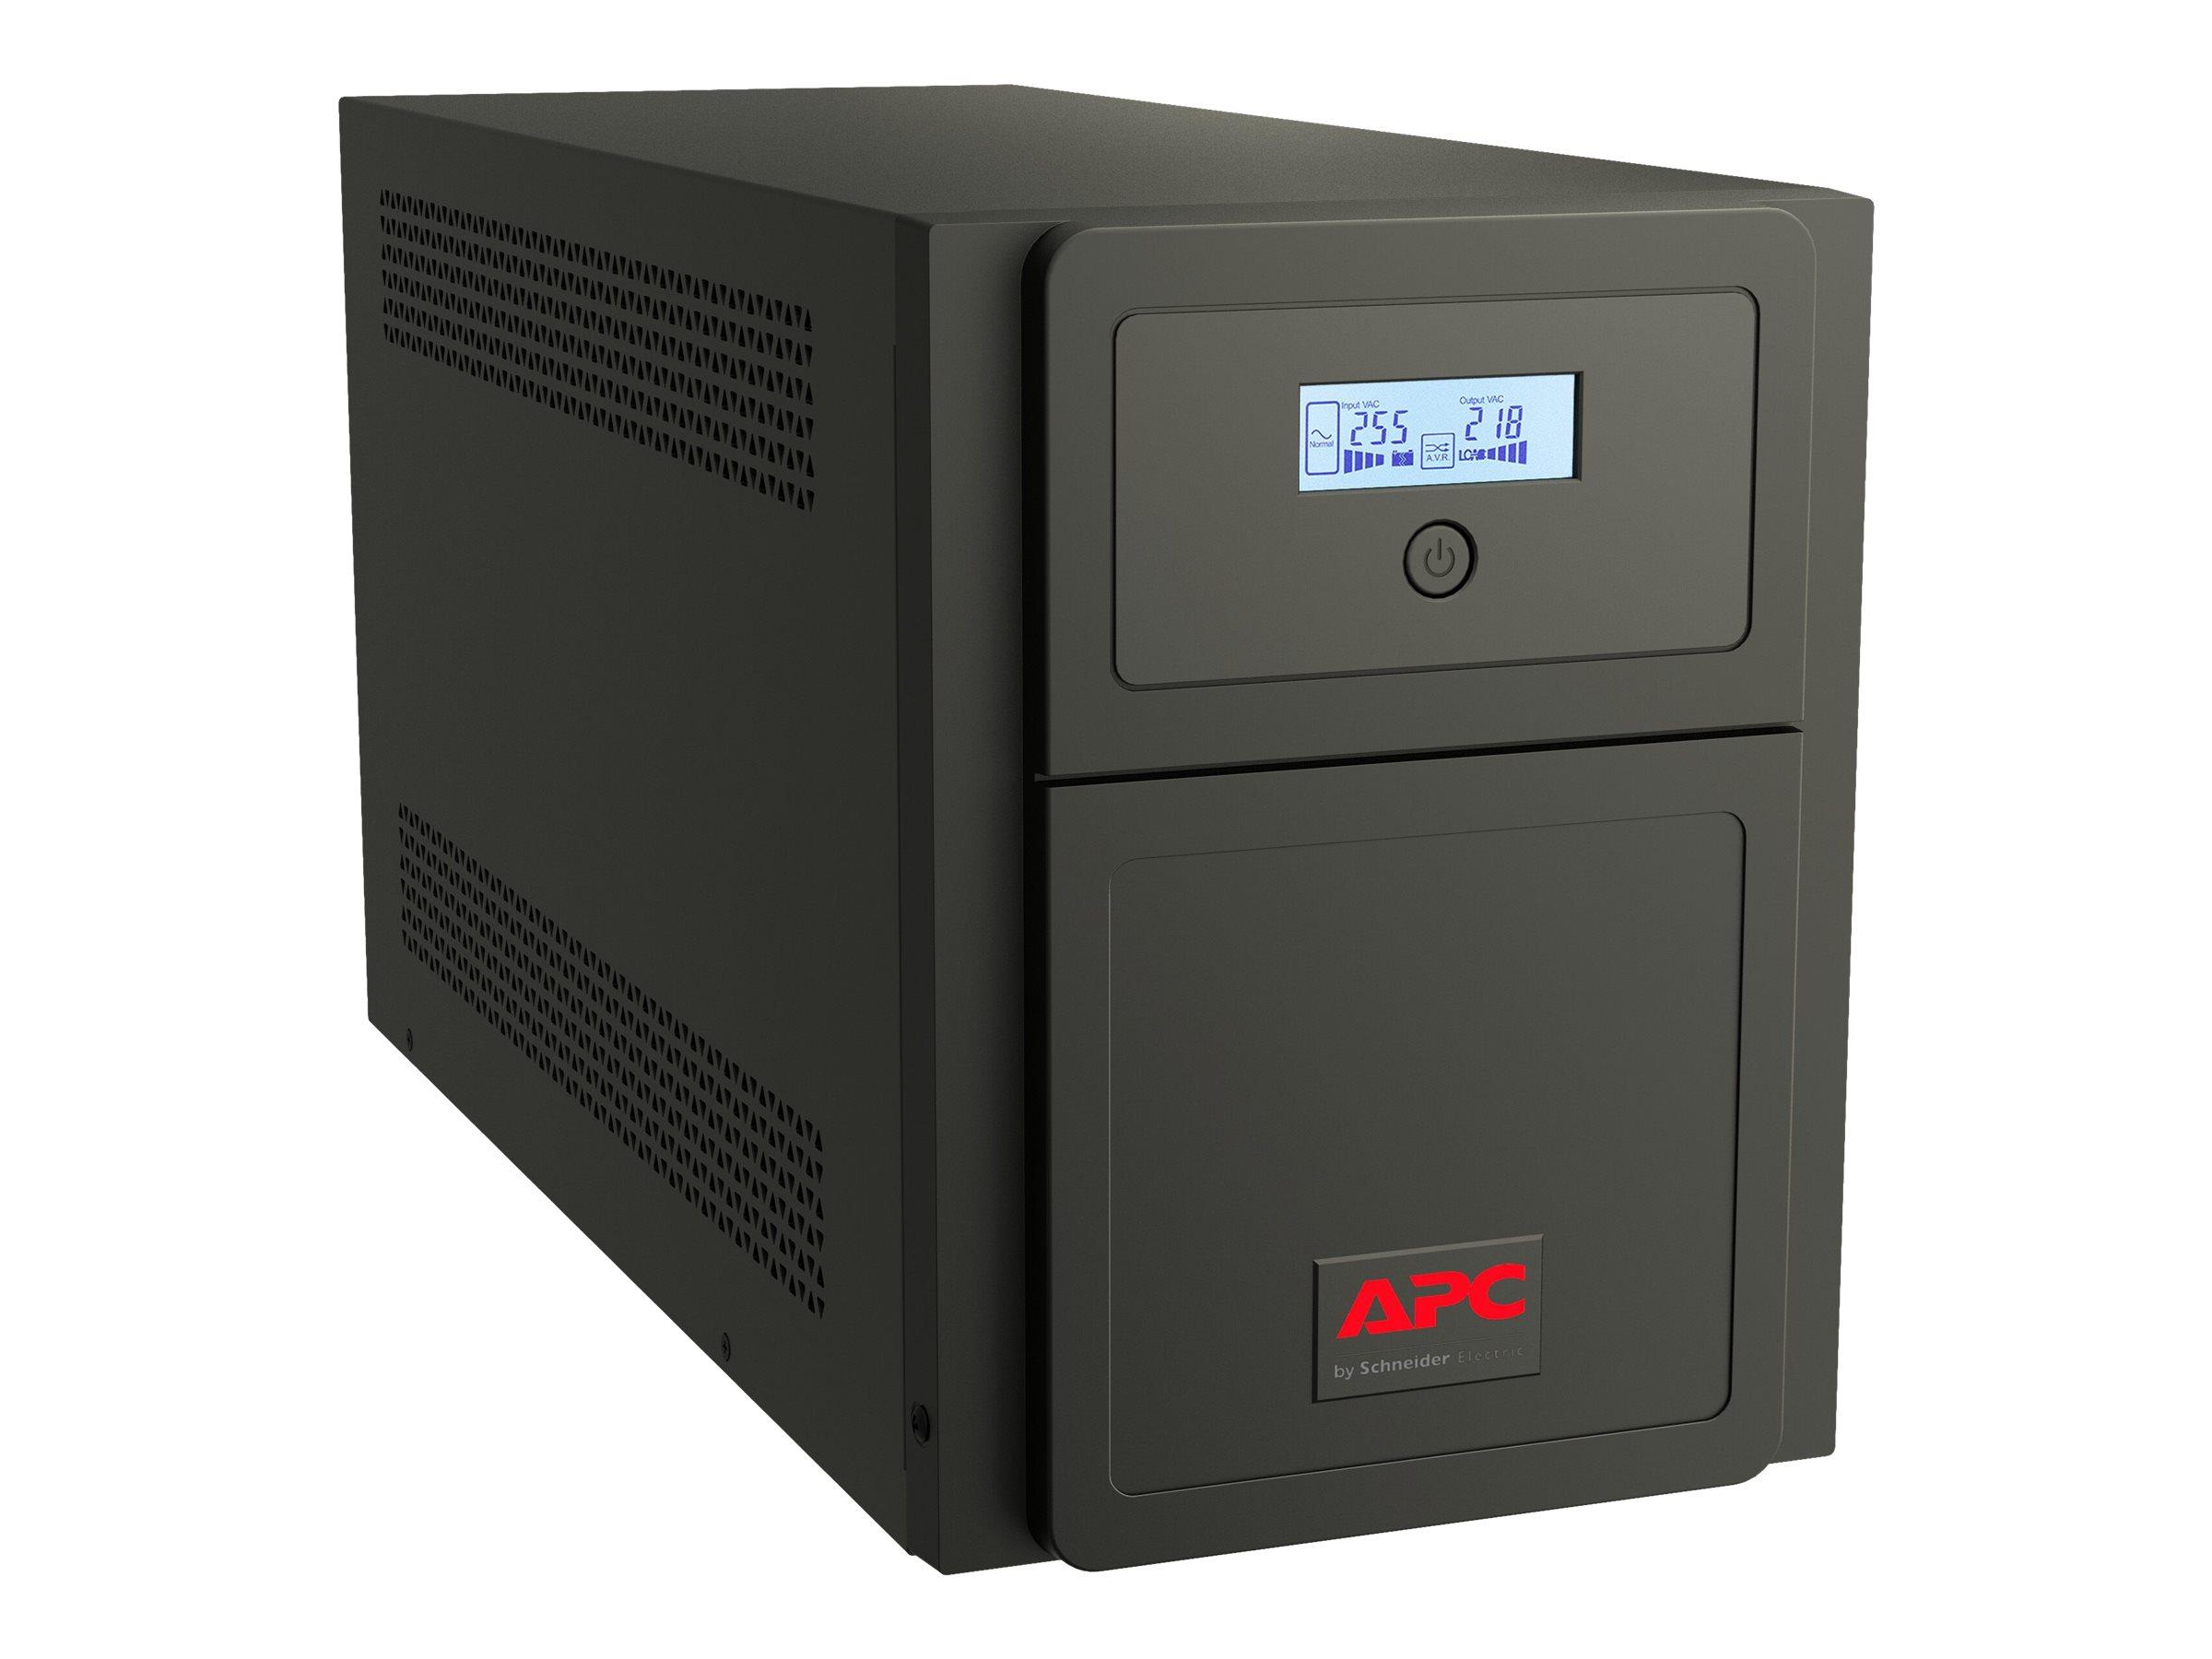 APC Easy-UPS SMV SMV2000CAI - USV - Wechselstrom 220/230/240 V - 1400 Watt - 2000 VA 7 Ah - RS-232, USB